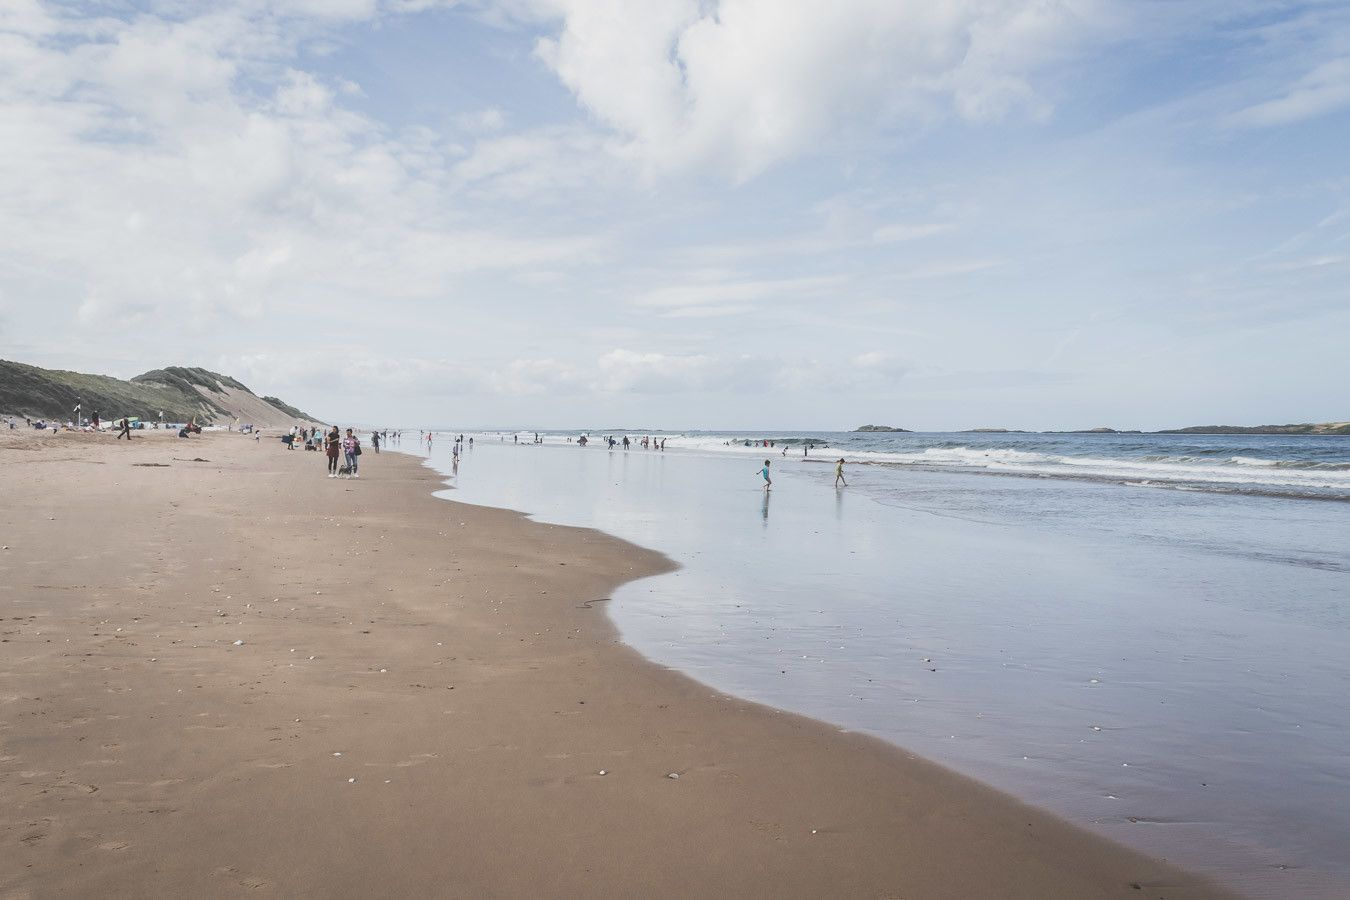 Mer et étendue de sable en Irlande du Nord